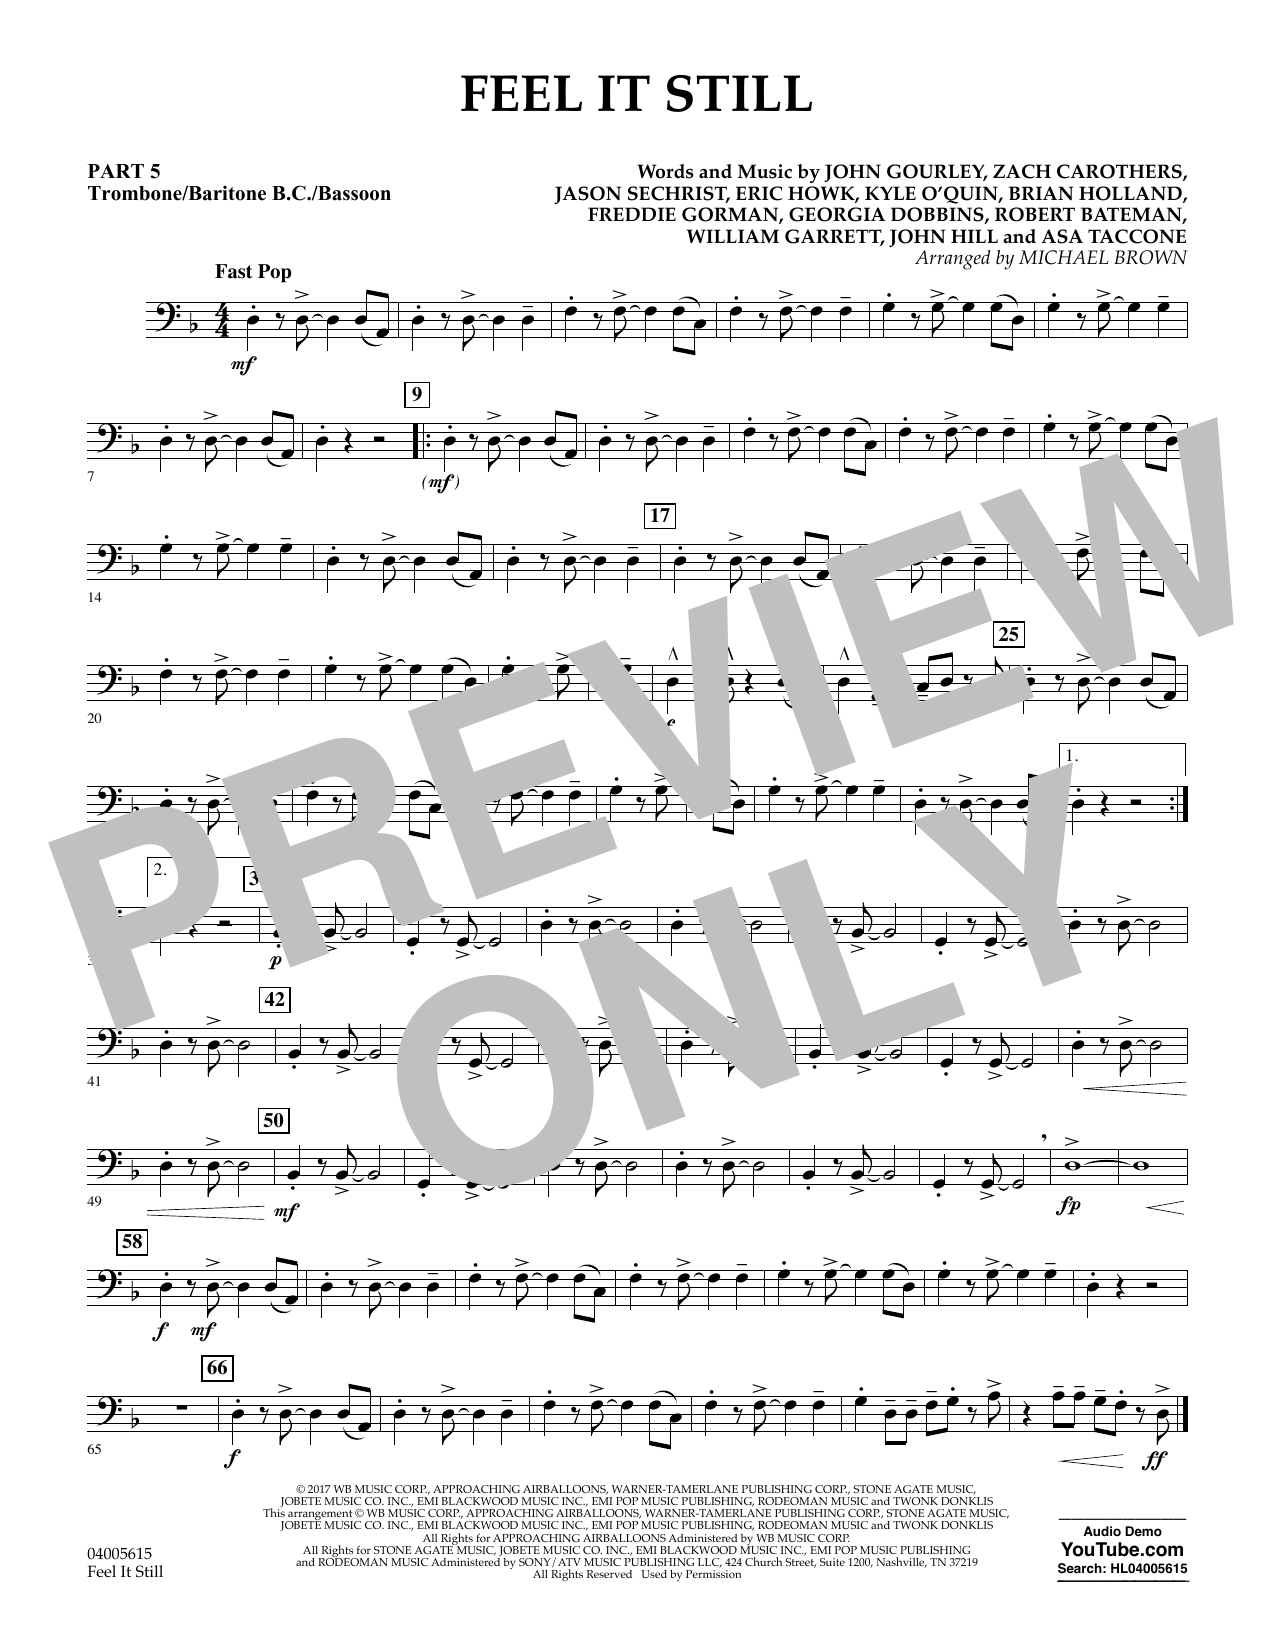 Feel It Still - Pt.5 - Trombone/Bar. B.C./Bsn. (Flex-Band)